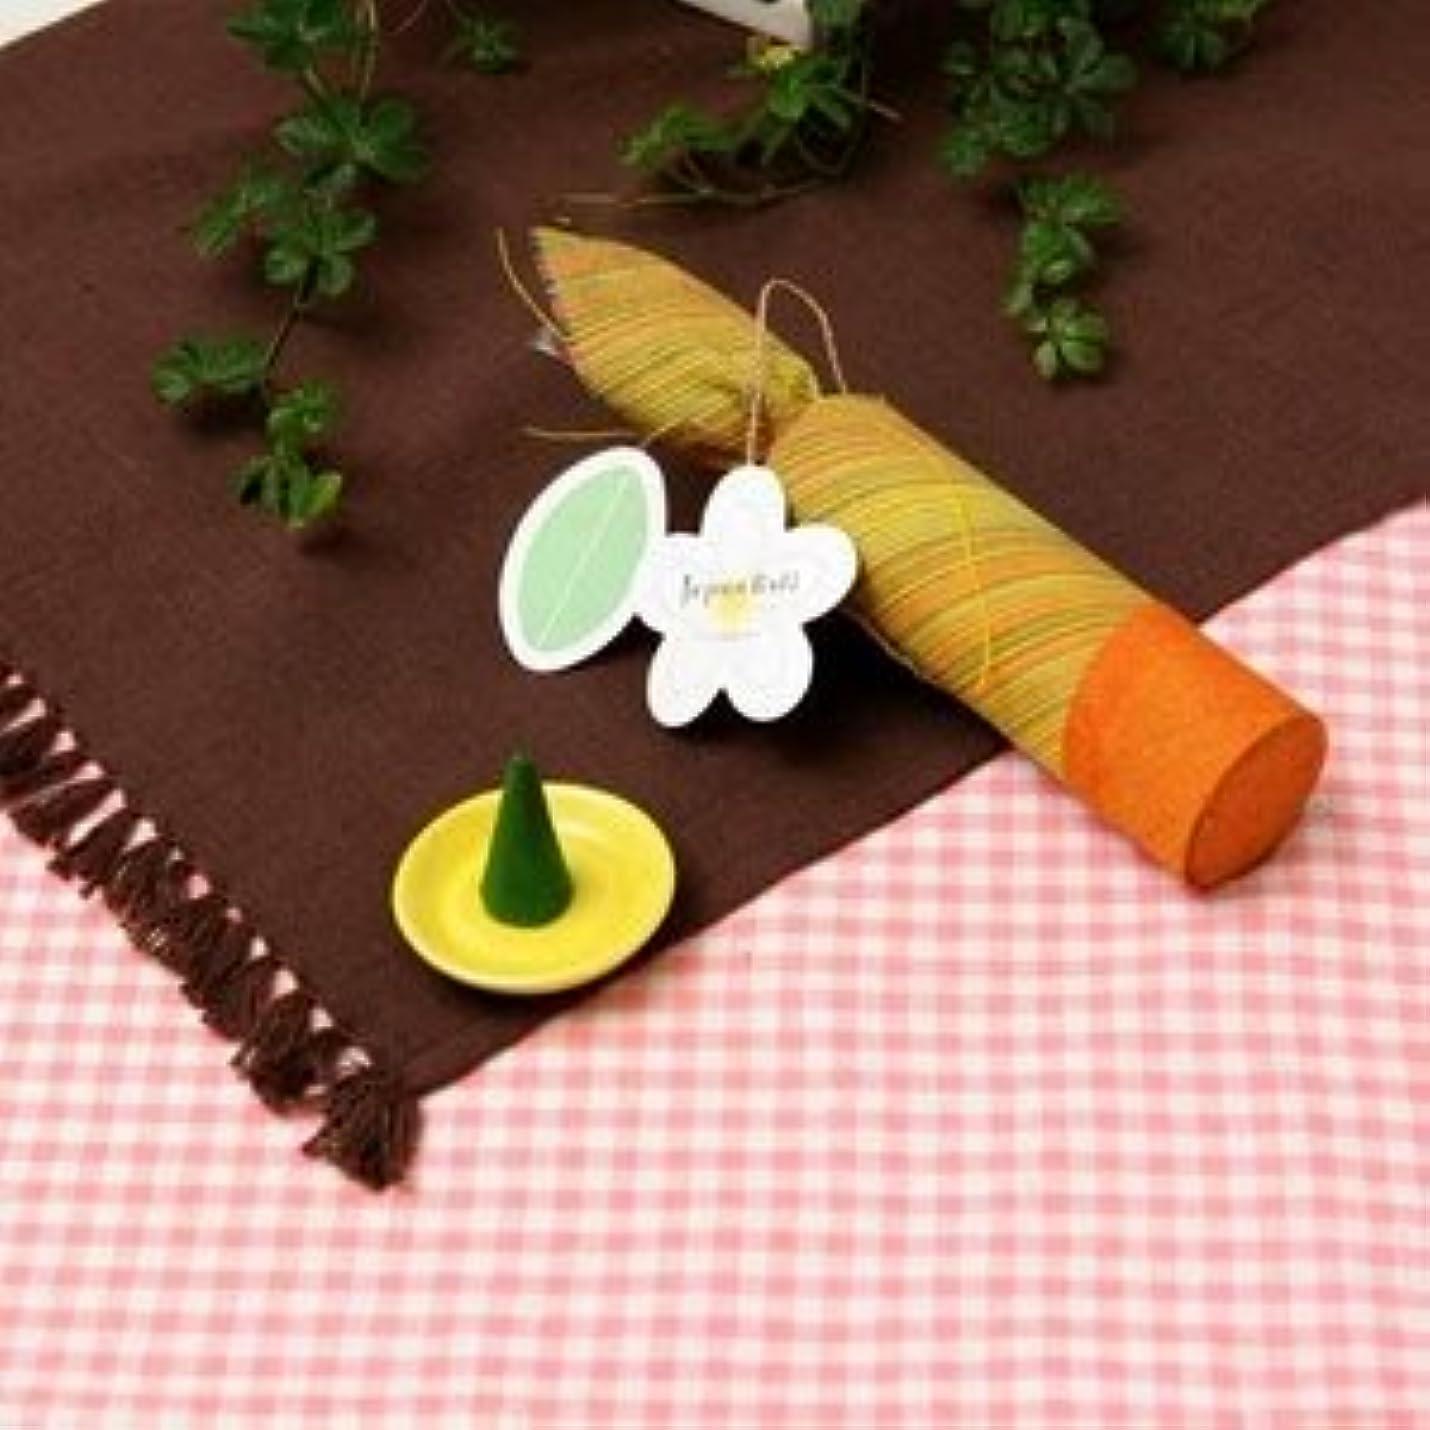 十一トロリー天皇Jupen Bari(ジュプン バリ) フランジパニ(バリの儀式に無くてはならない信仰の花)